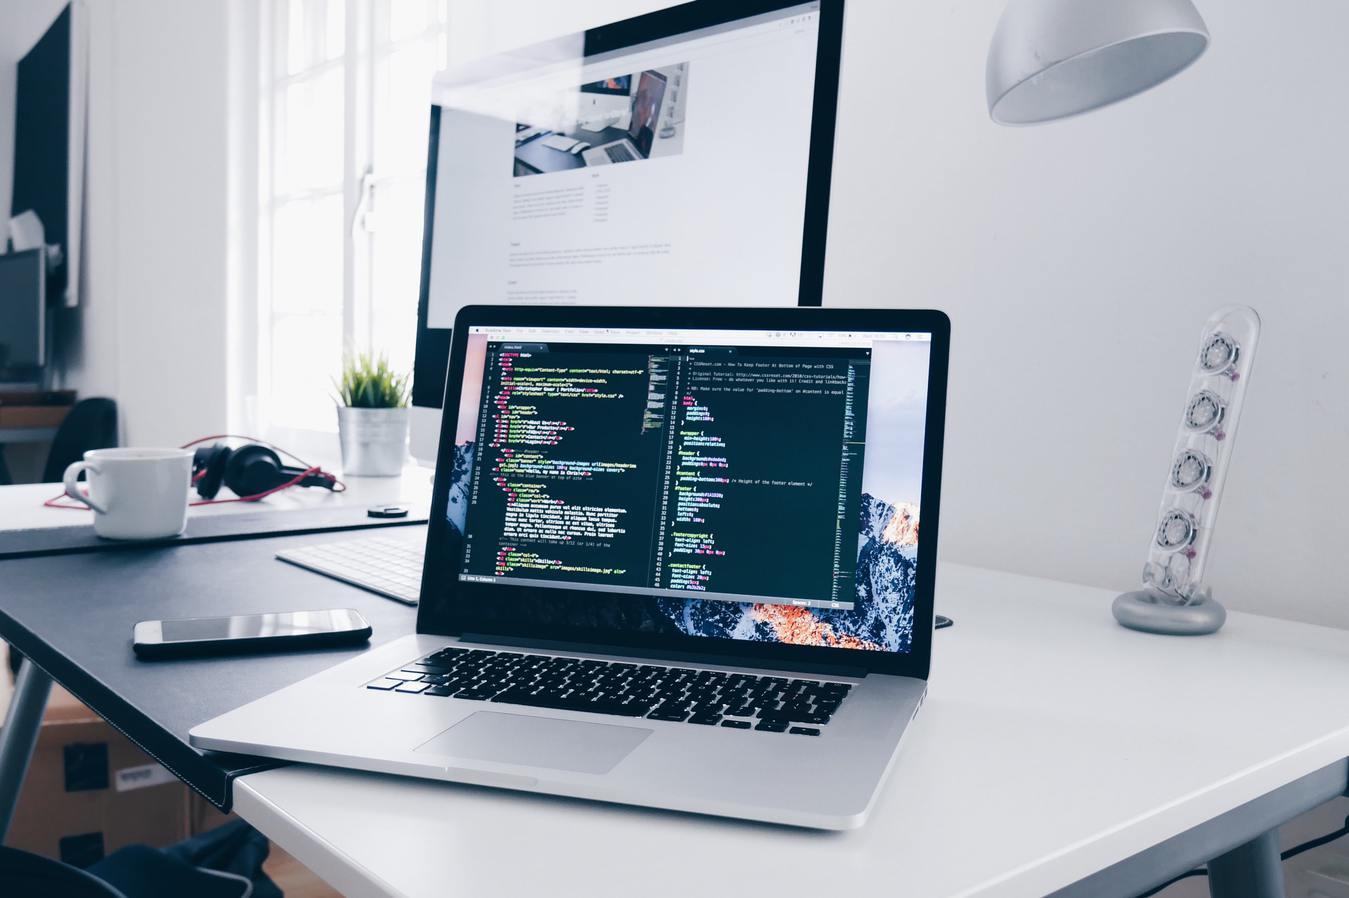 Portátil con código en la pantalla en un escritorio blanco